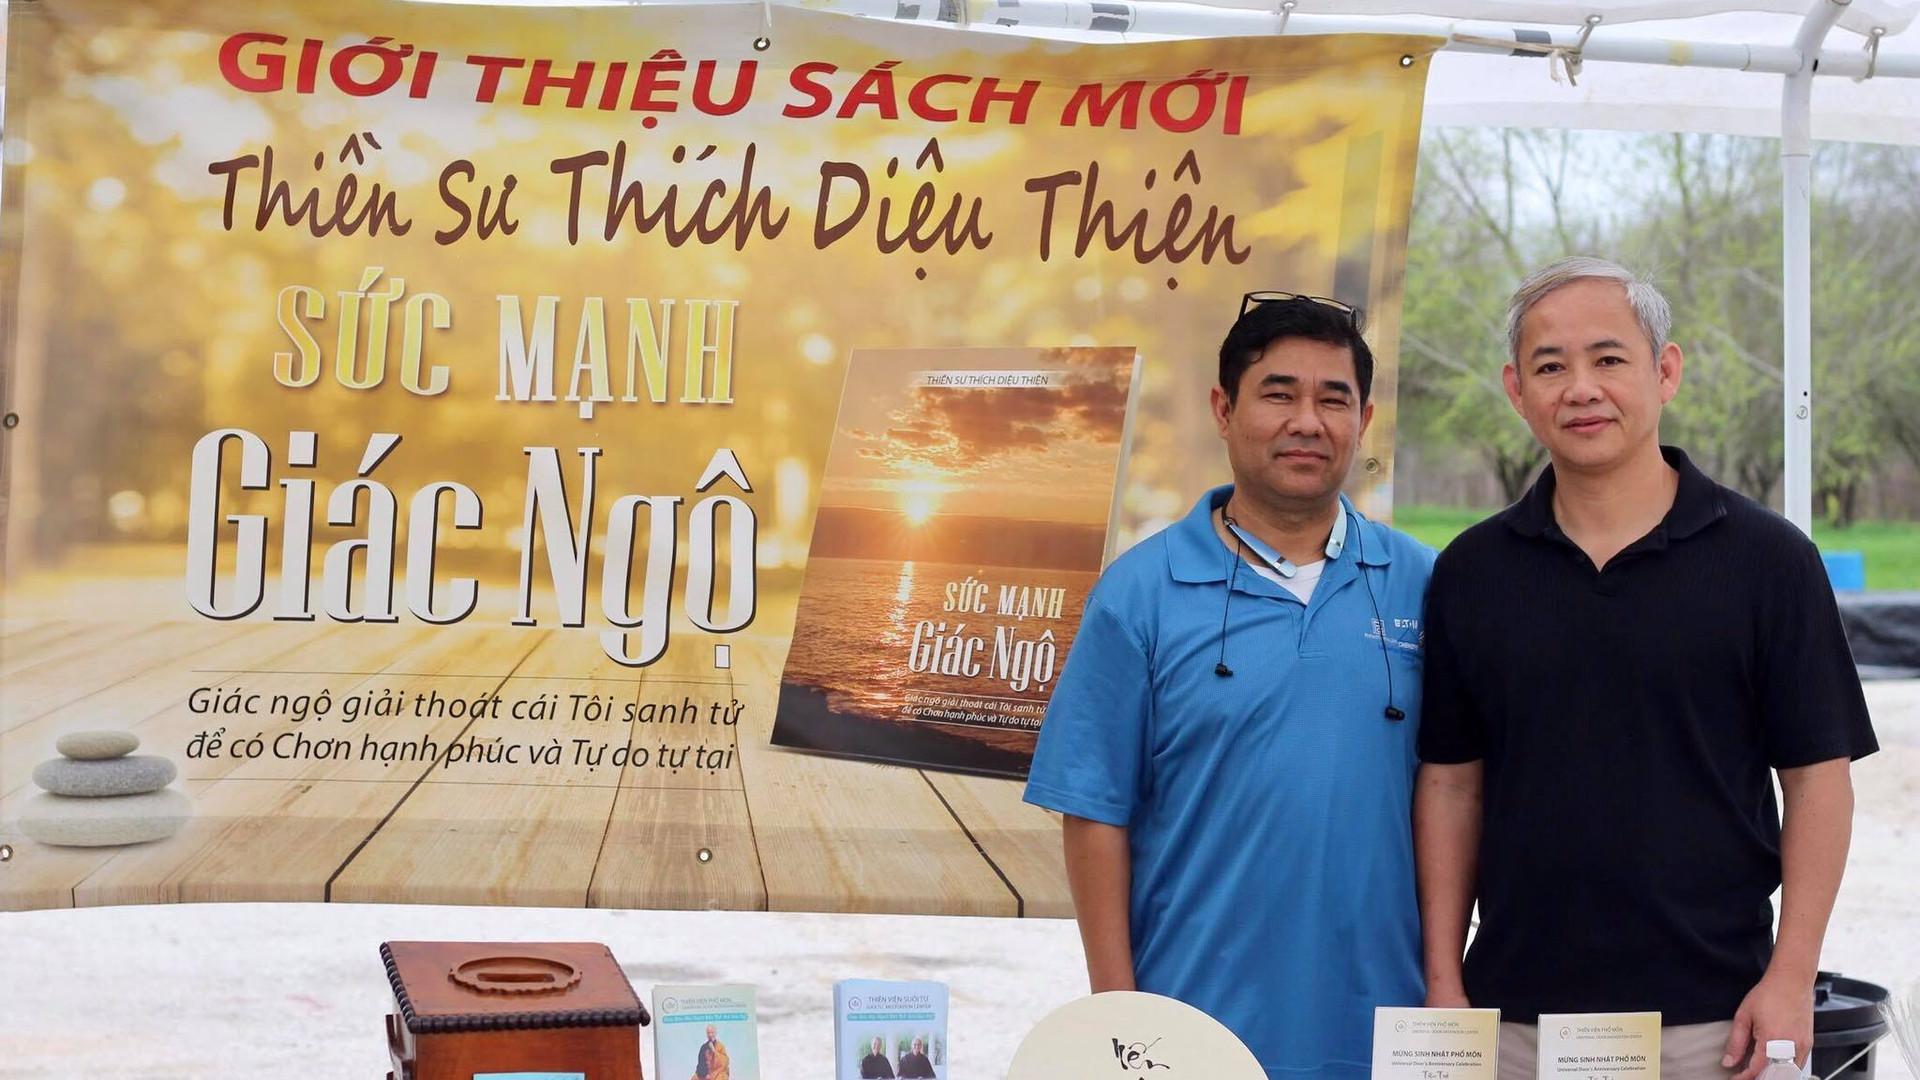 Le Thuong Nguyen 2018 24.jpg